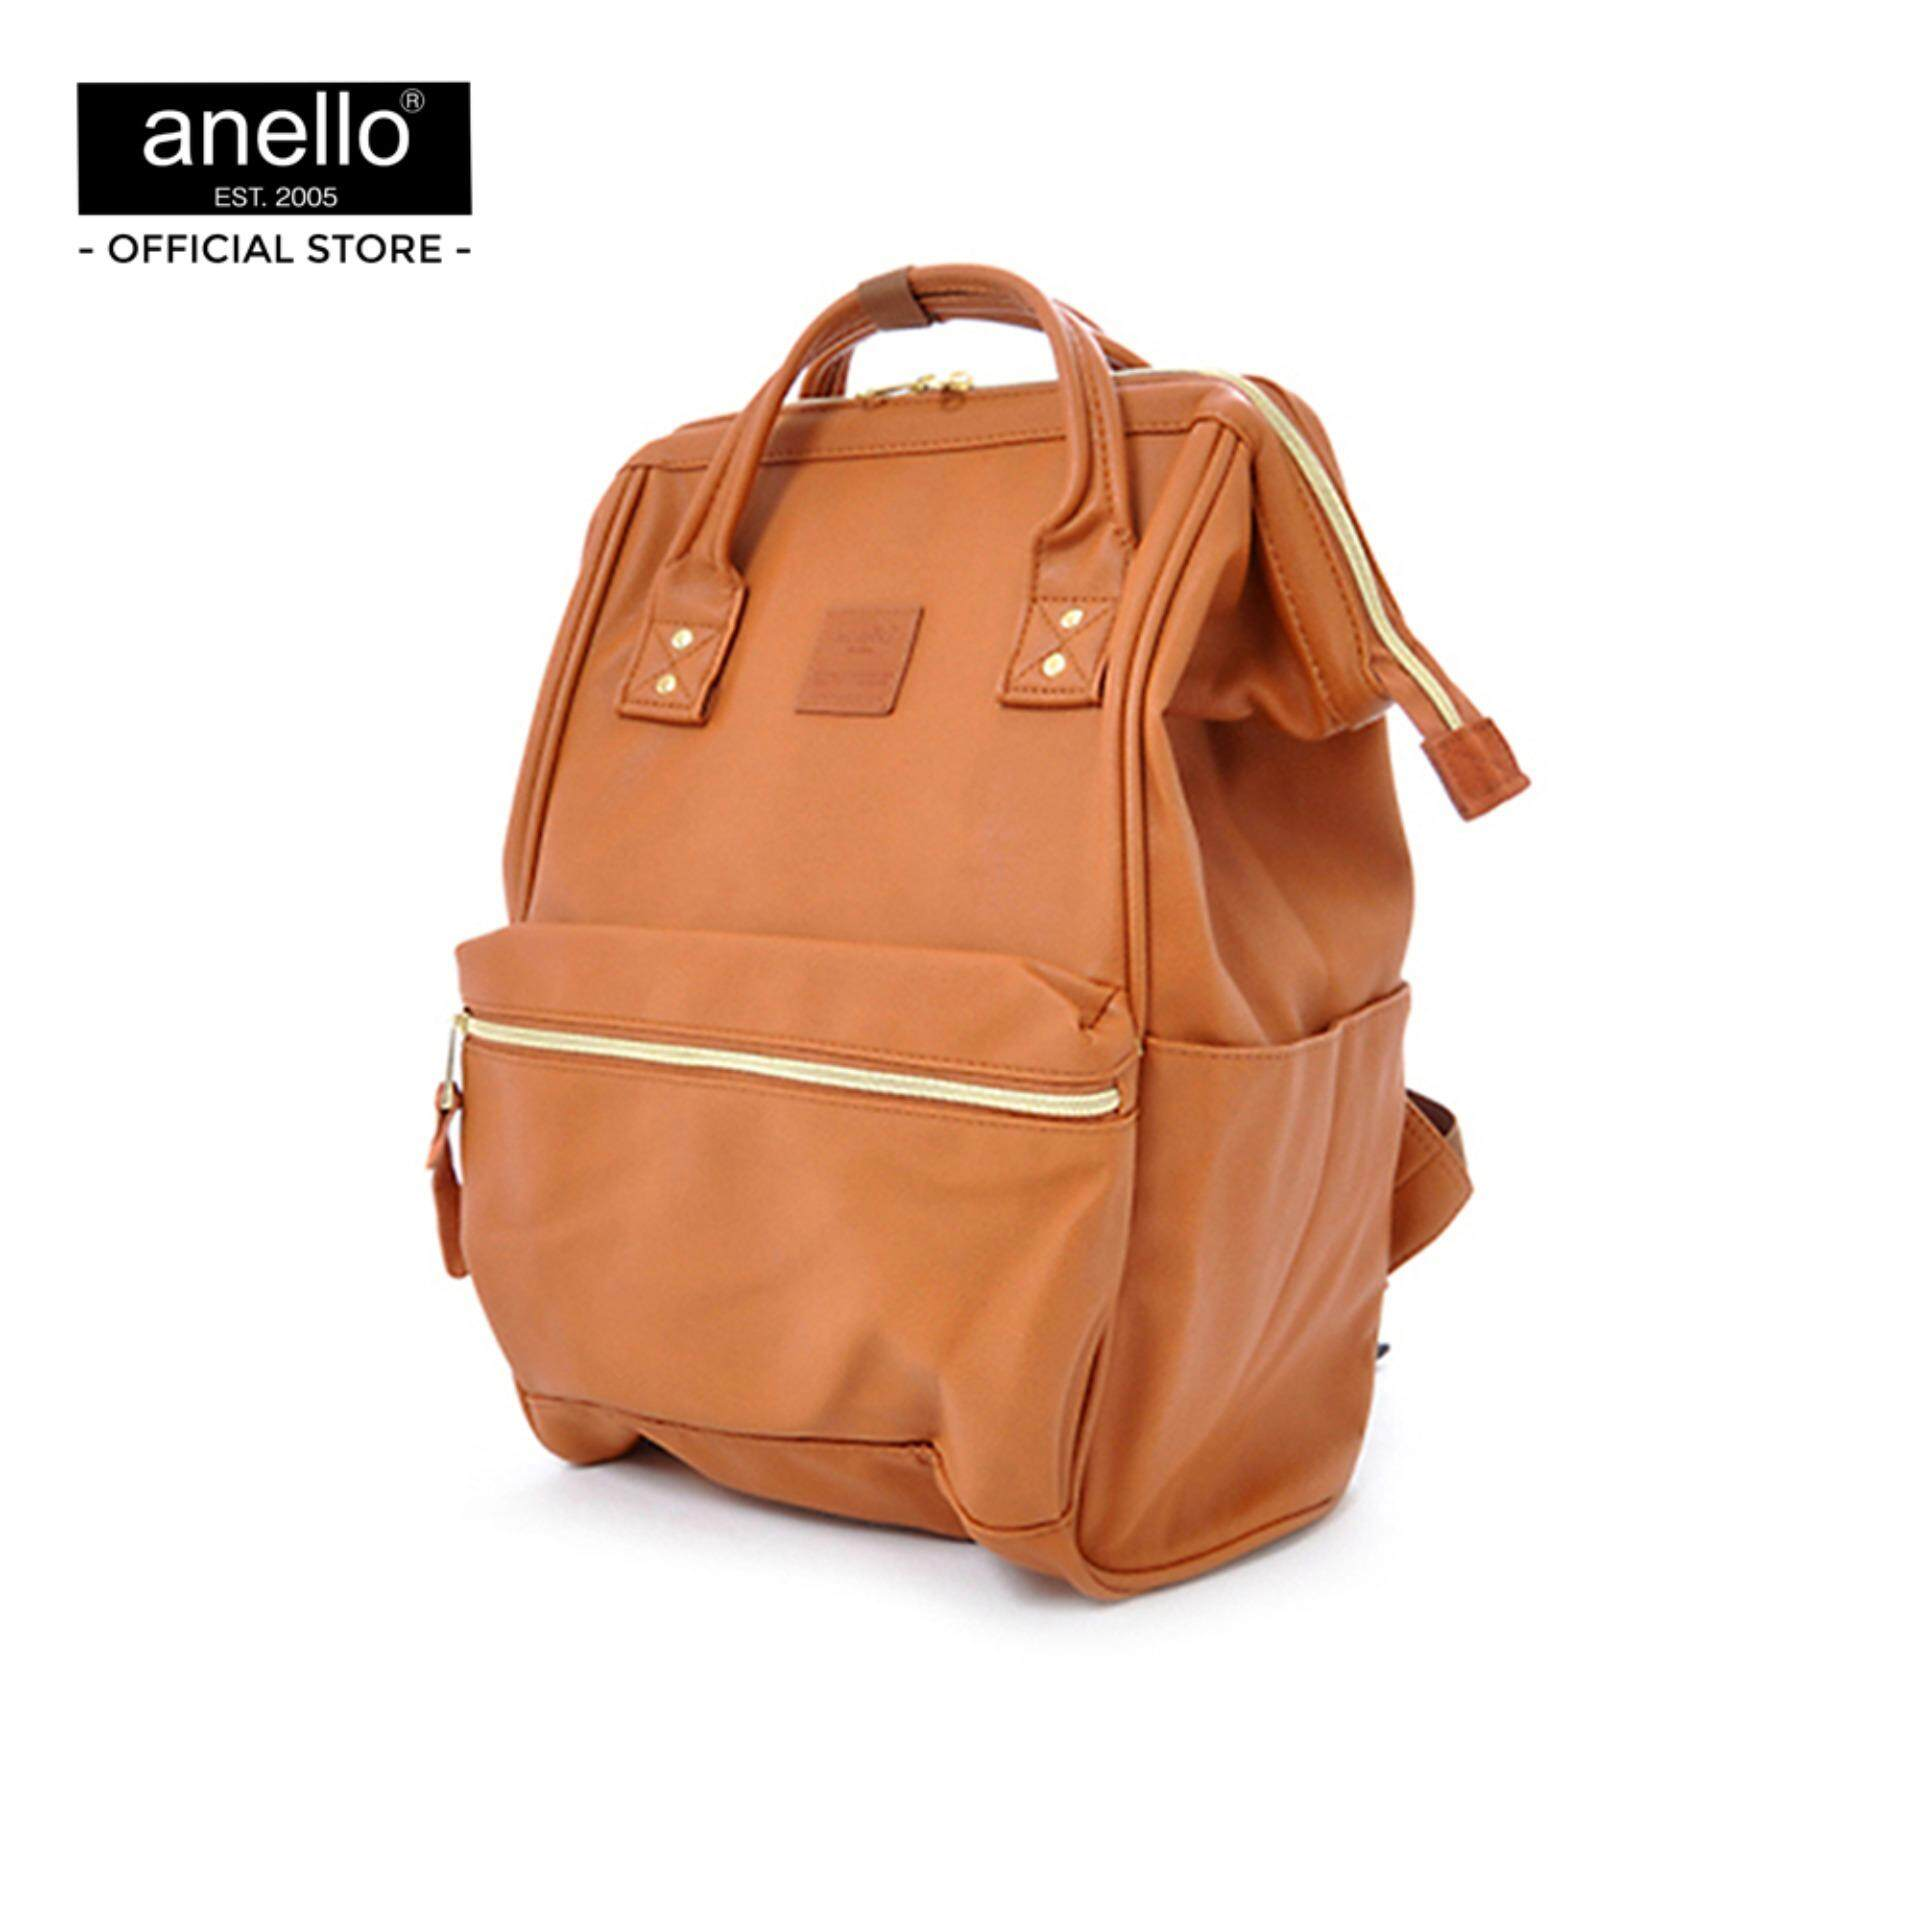 ยี่ห้อนี้ดีไหม  เลย anello กระเป๋า Regular PU Backpack_AT-B1211